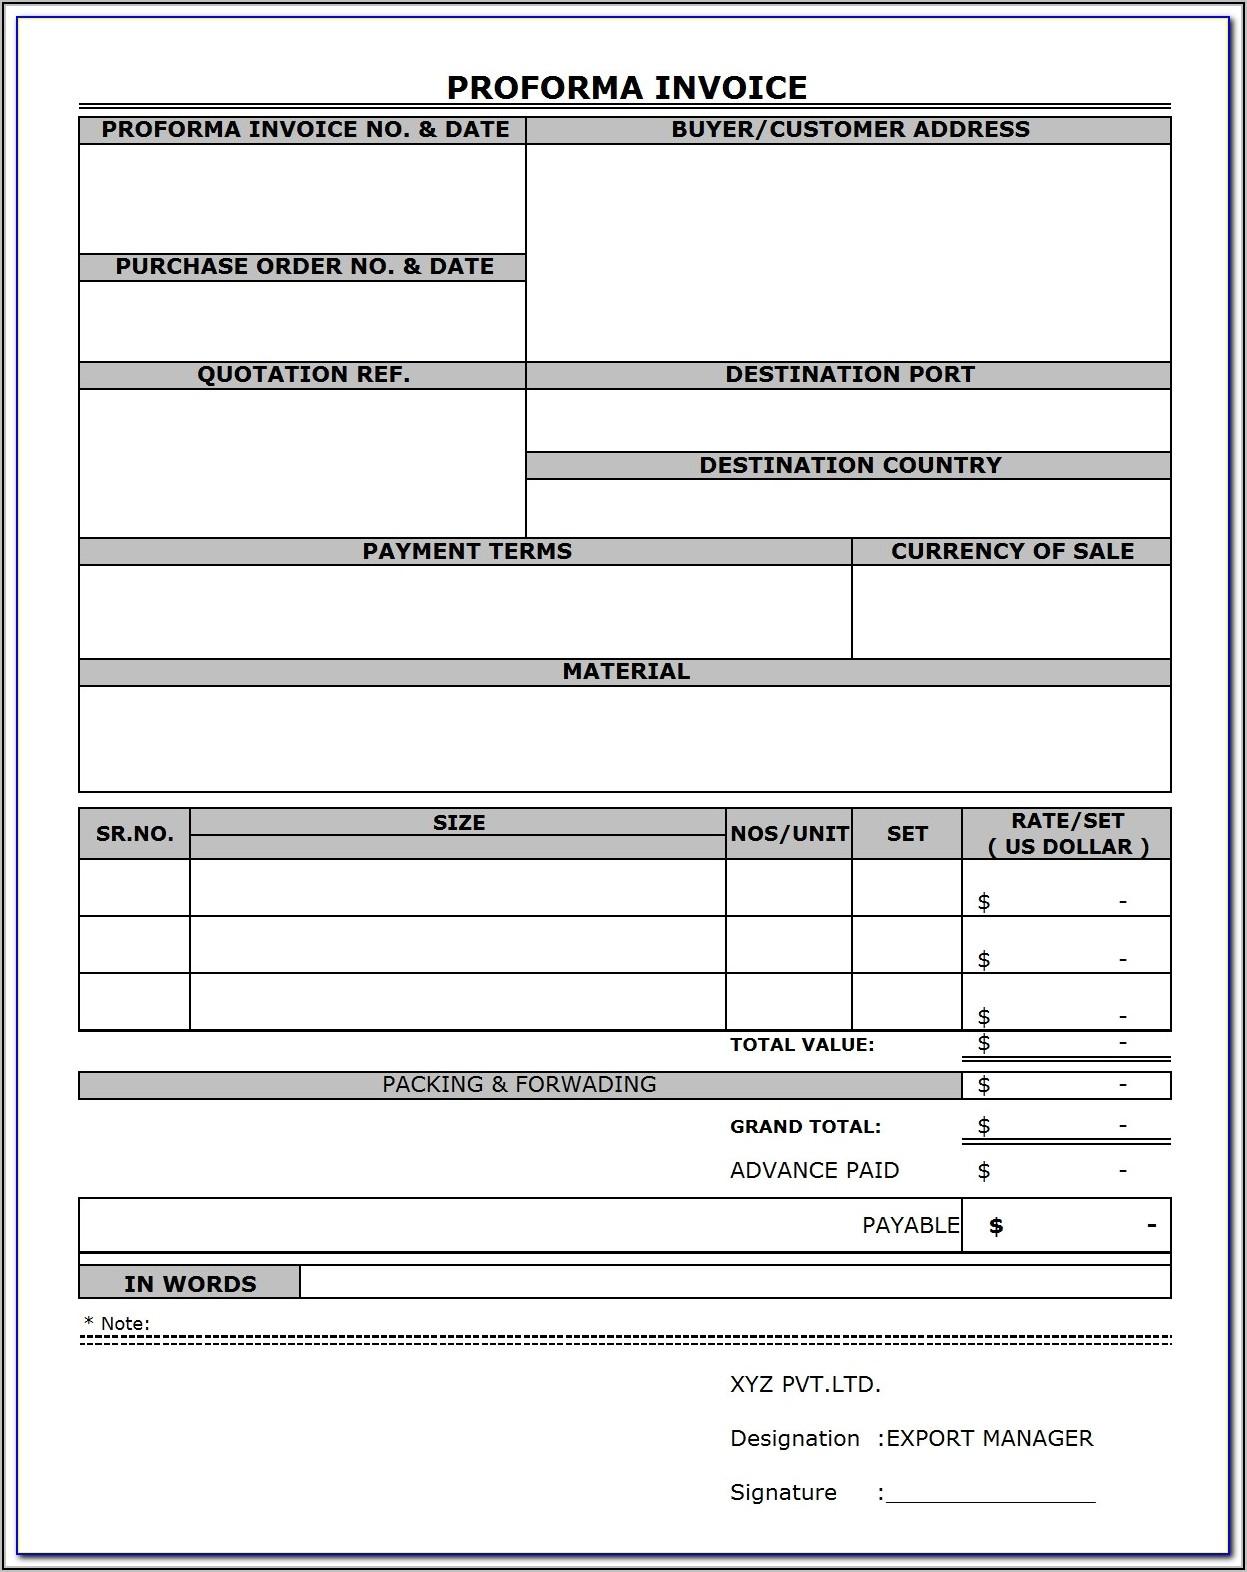 Proforma Invoice Samples Pdf